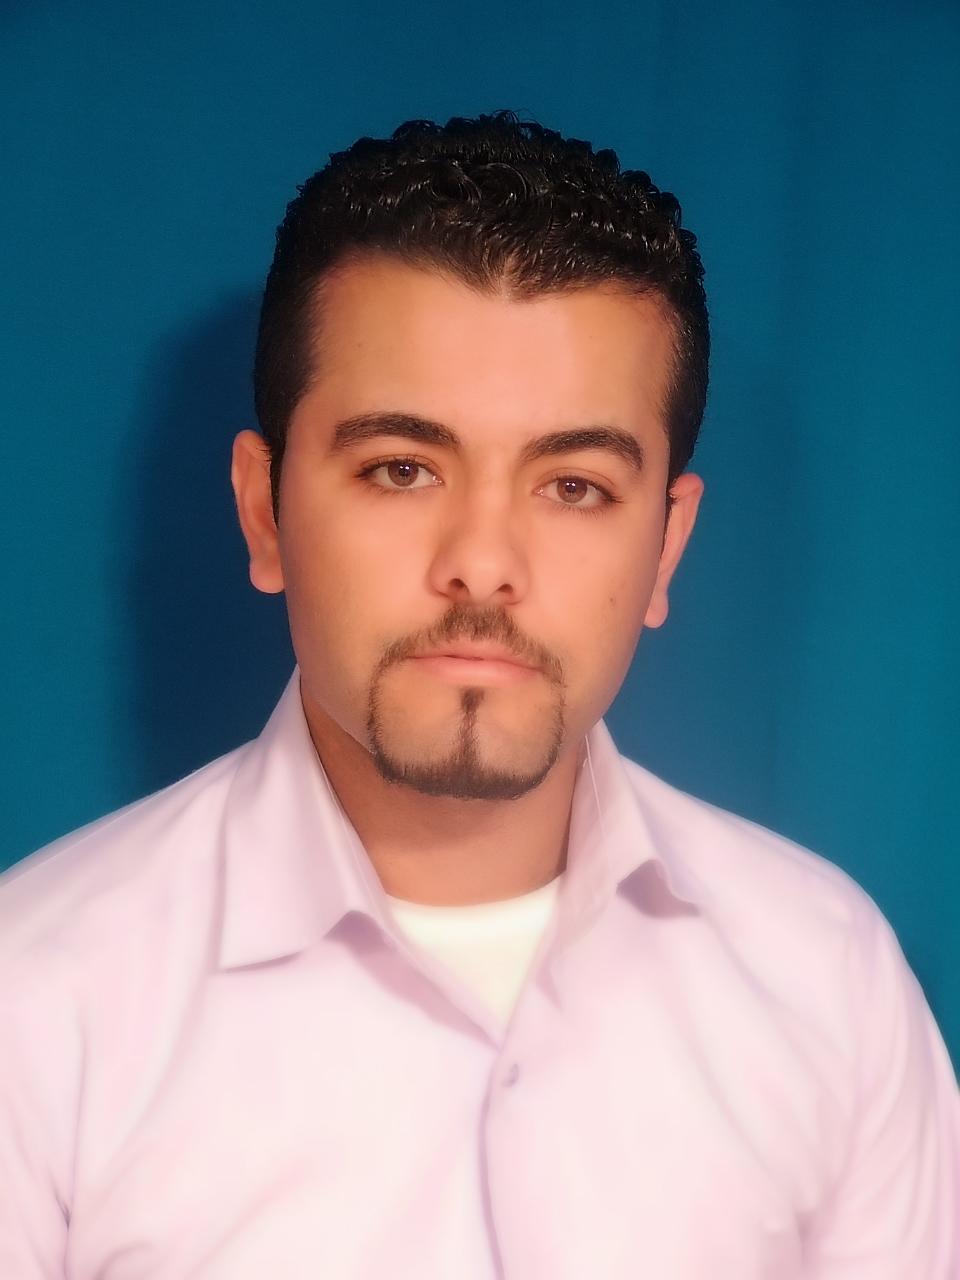 Adham Khalil